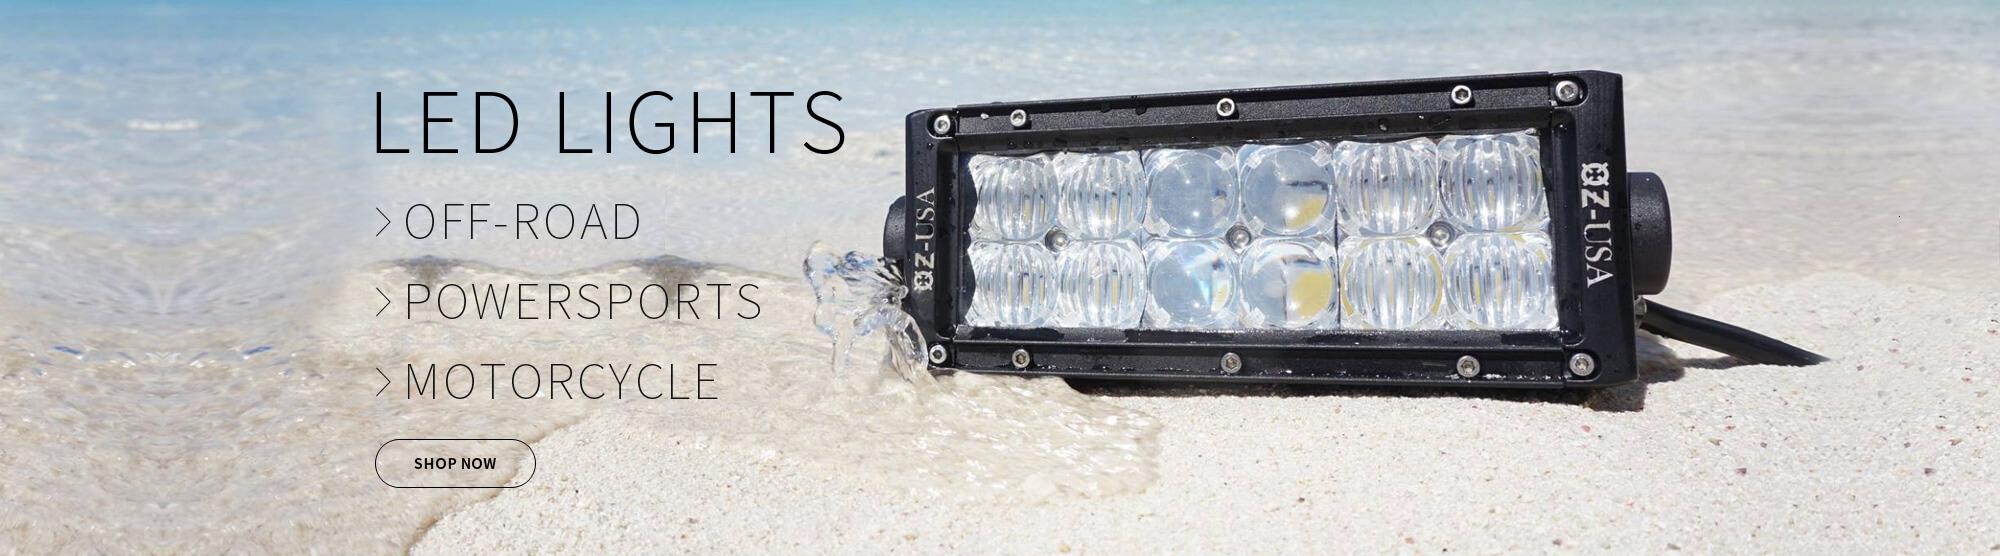 Oz Led Light Bar Wiring Harness Dust Runners Lighting 1 2 3